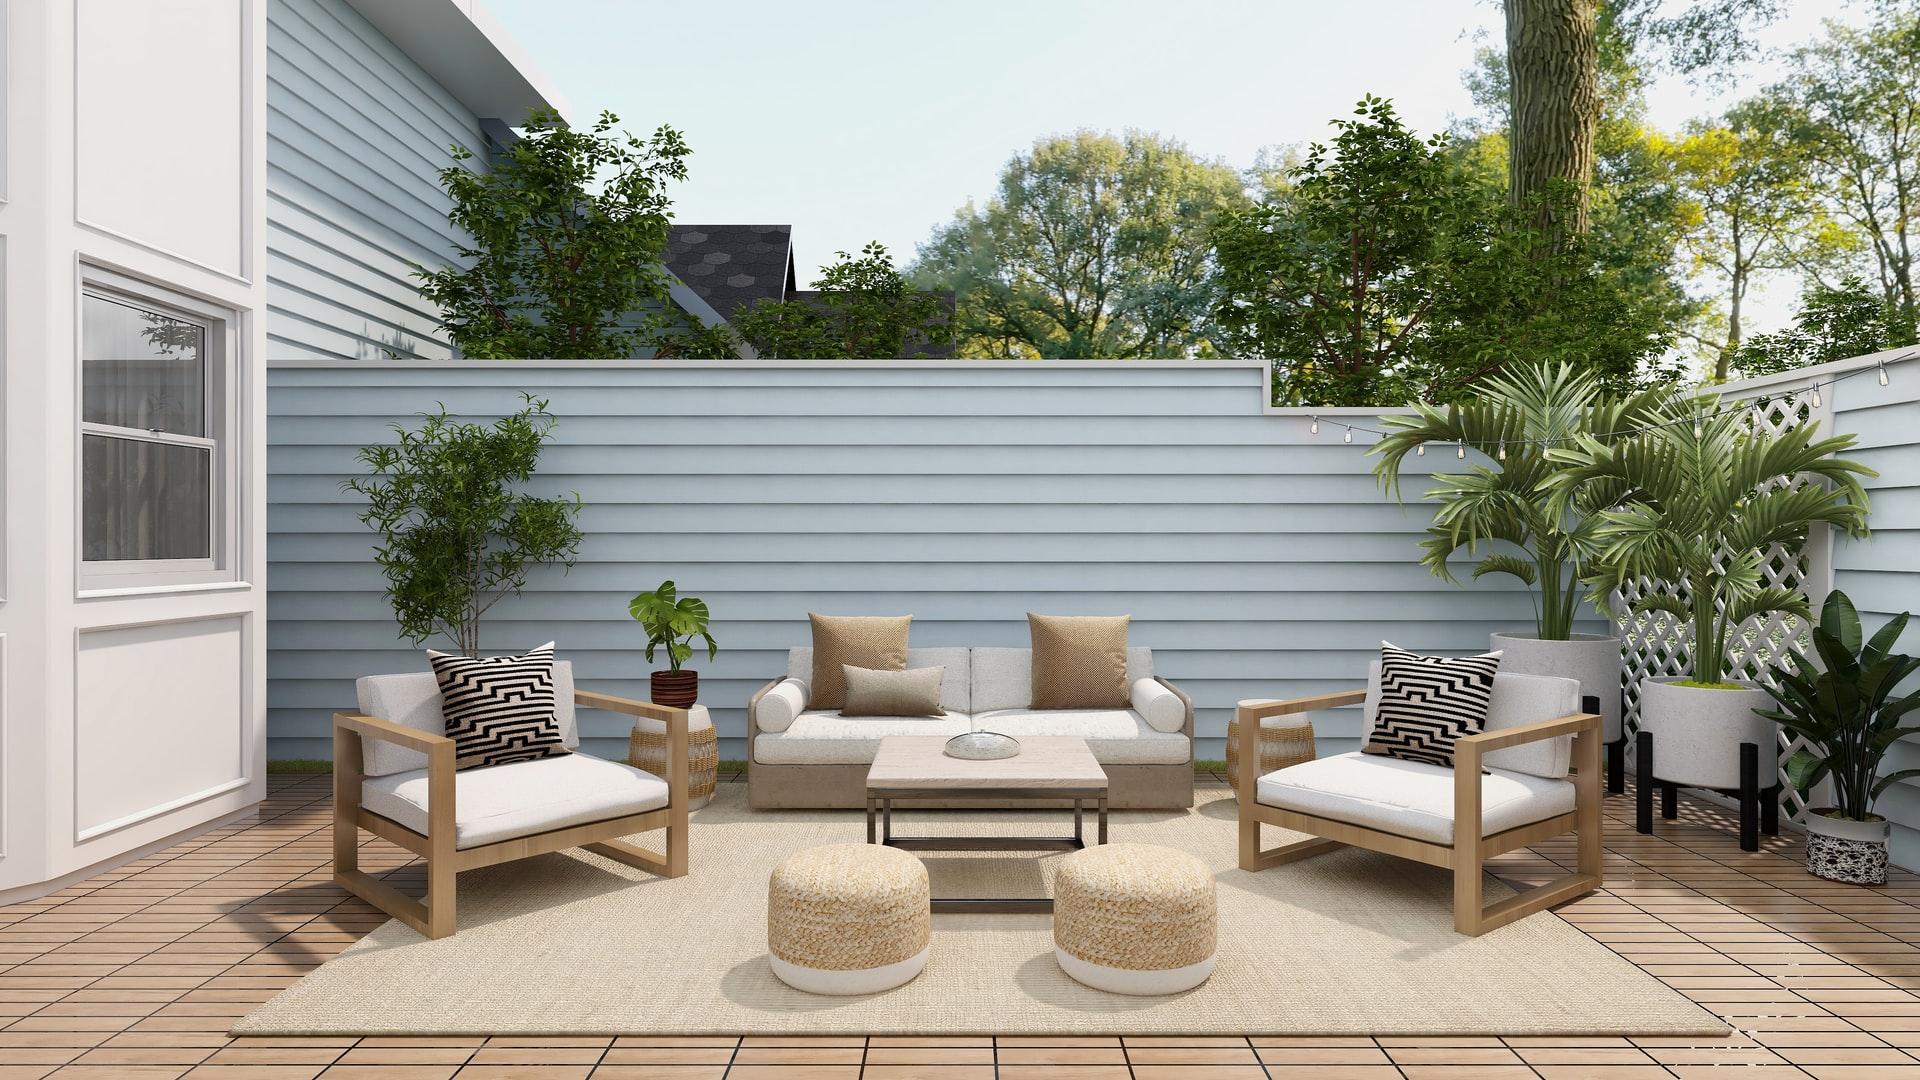 sunsystem-letni-posezeni-terasa-zahrada-2